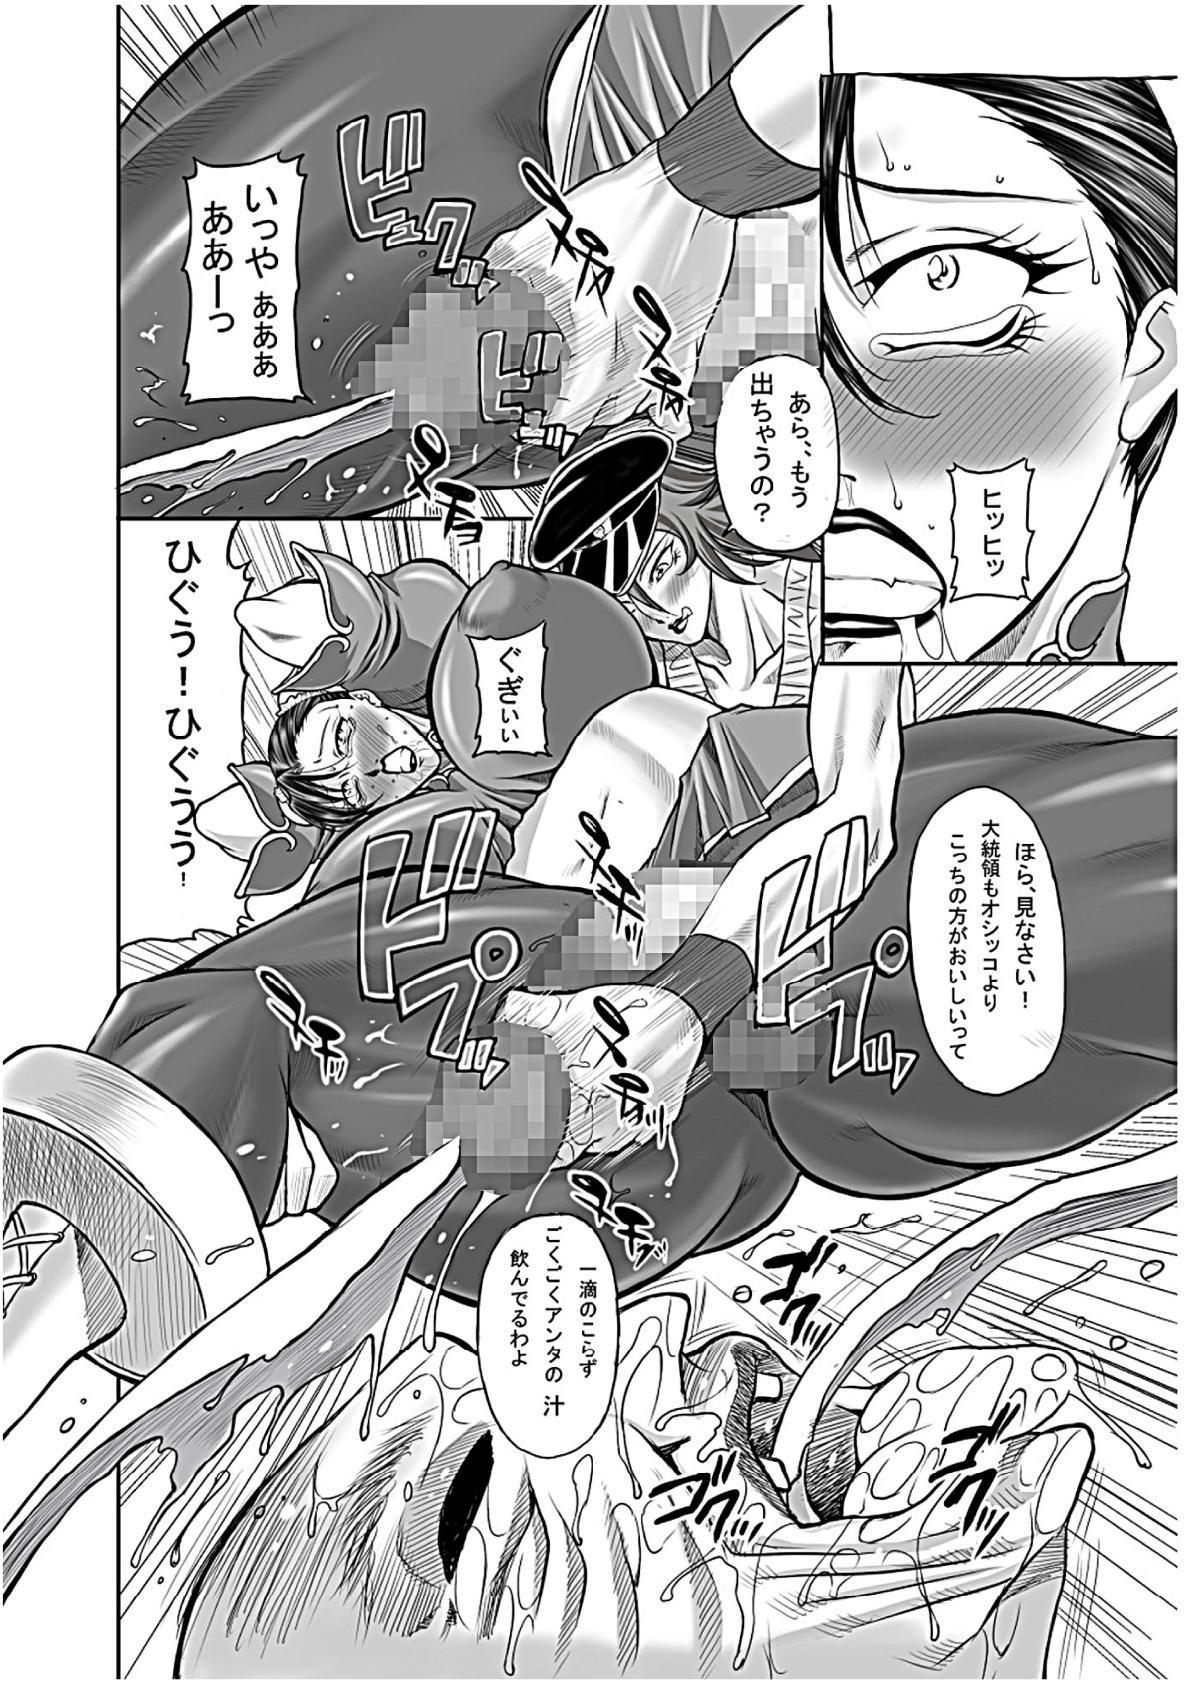 Seigi no Daishou 10